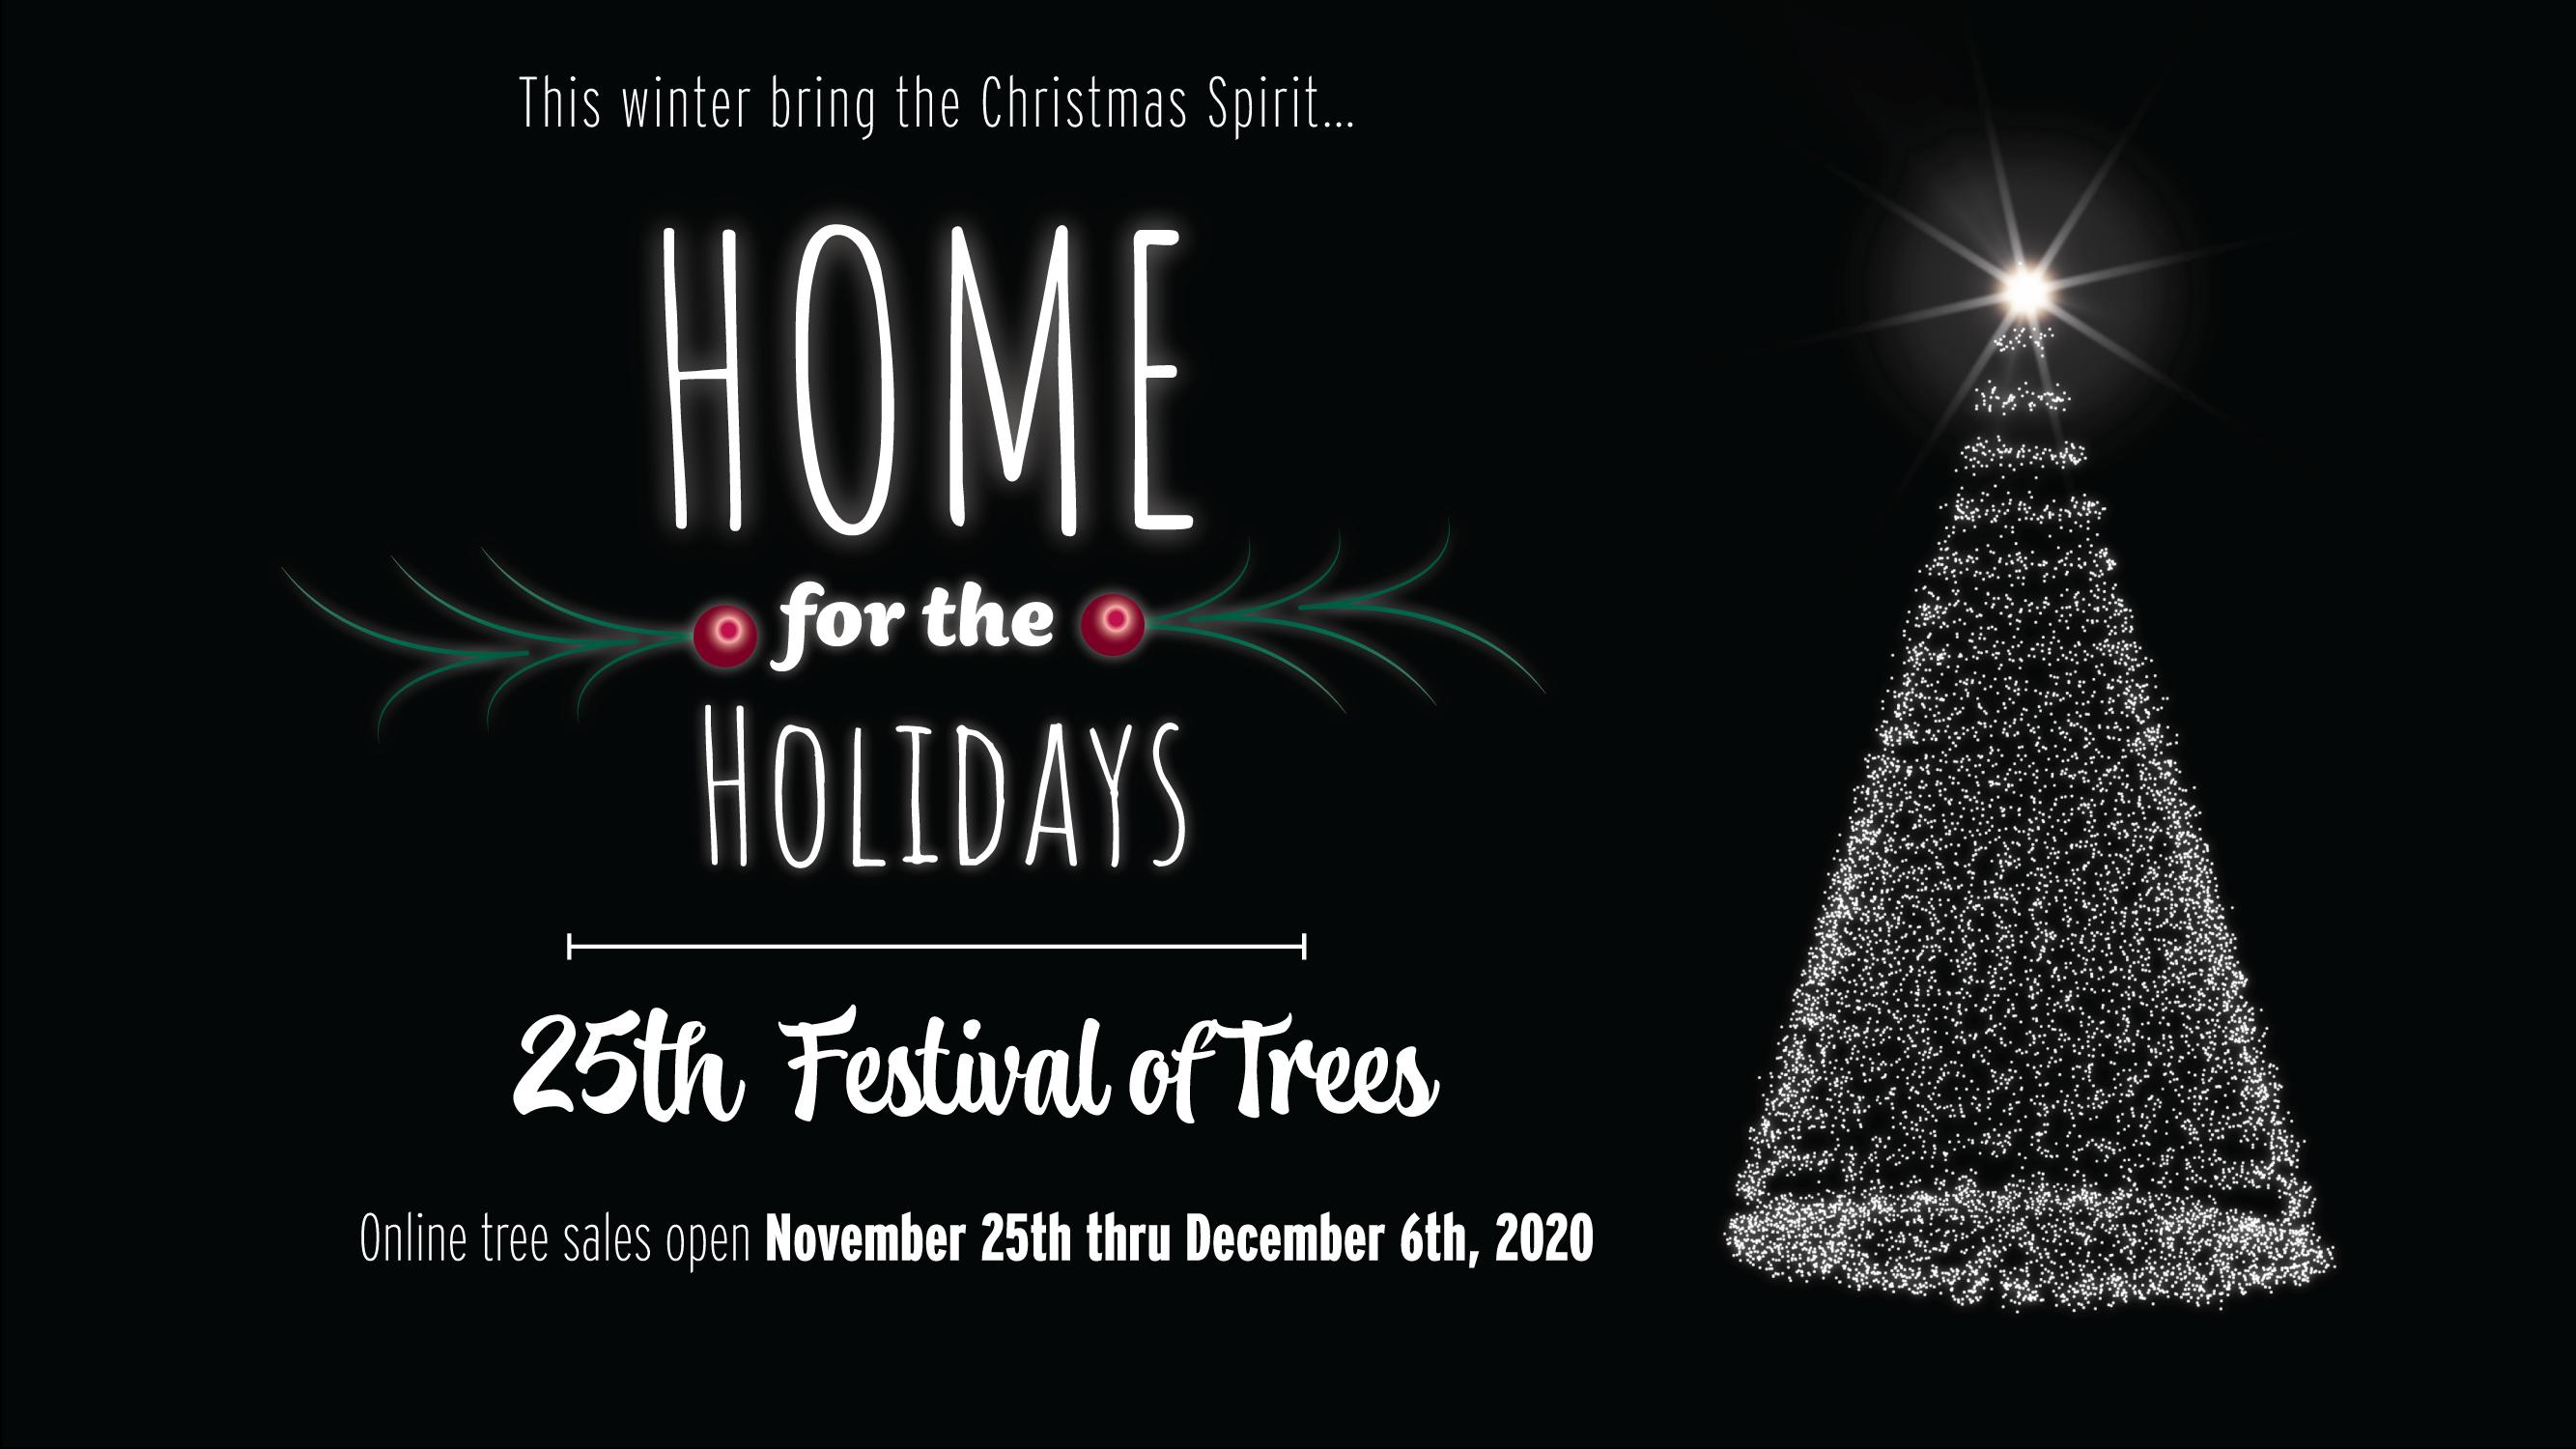 2020 Festival of Trees-Hybrid